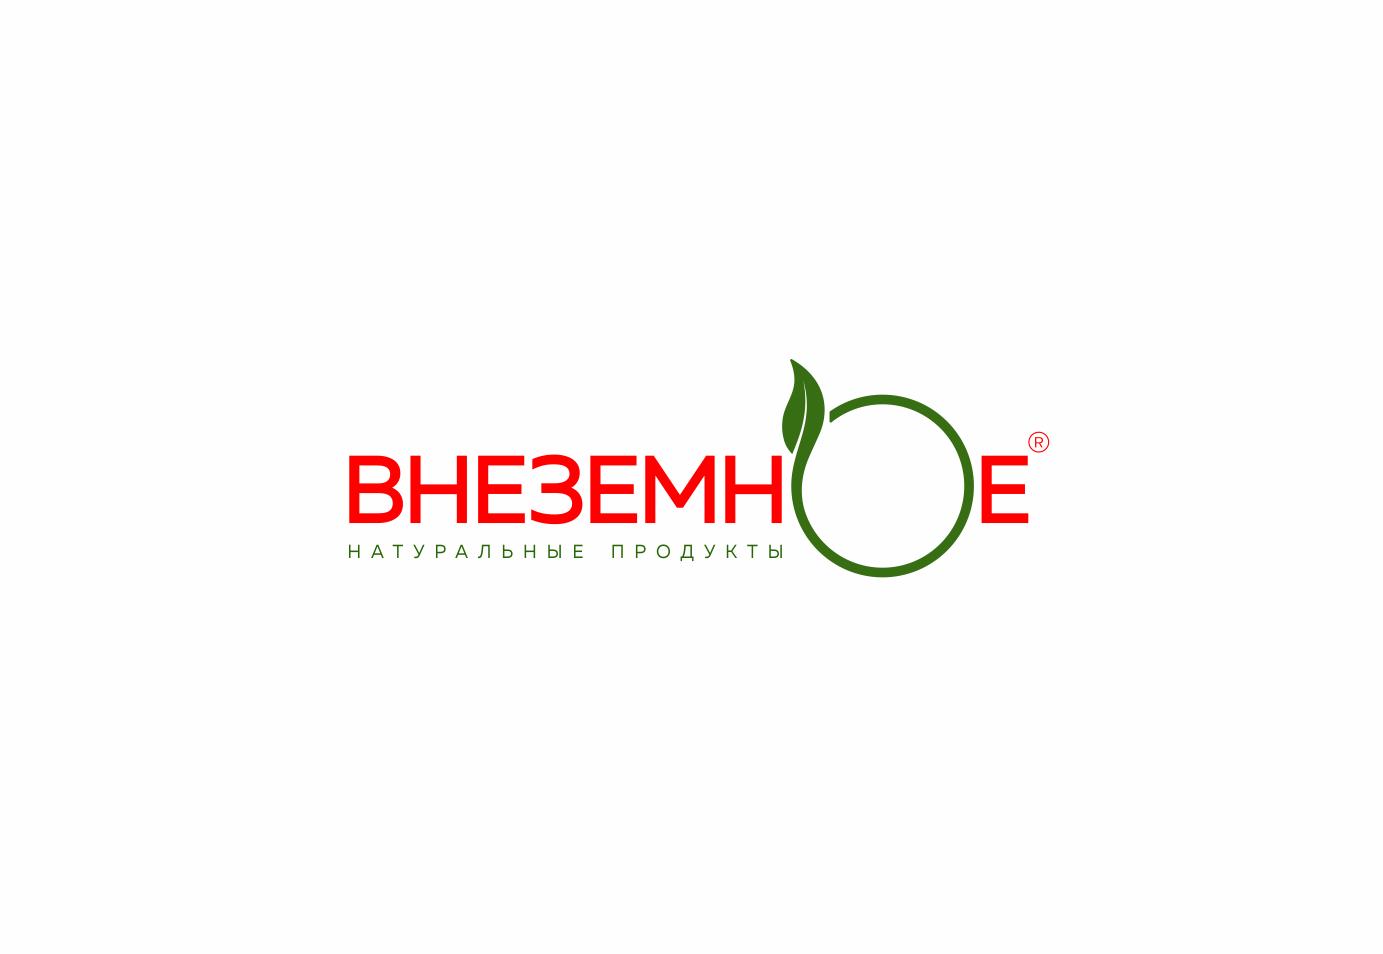 """Логотип и фирменный стиль """"Внеземное"""" фото f_1875e7aed50a3264.png"""